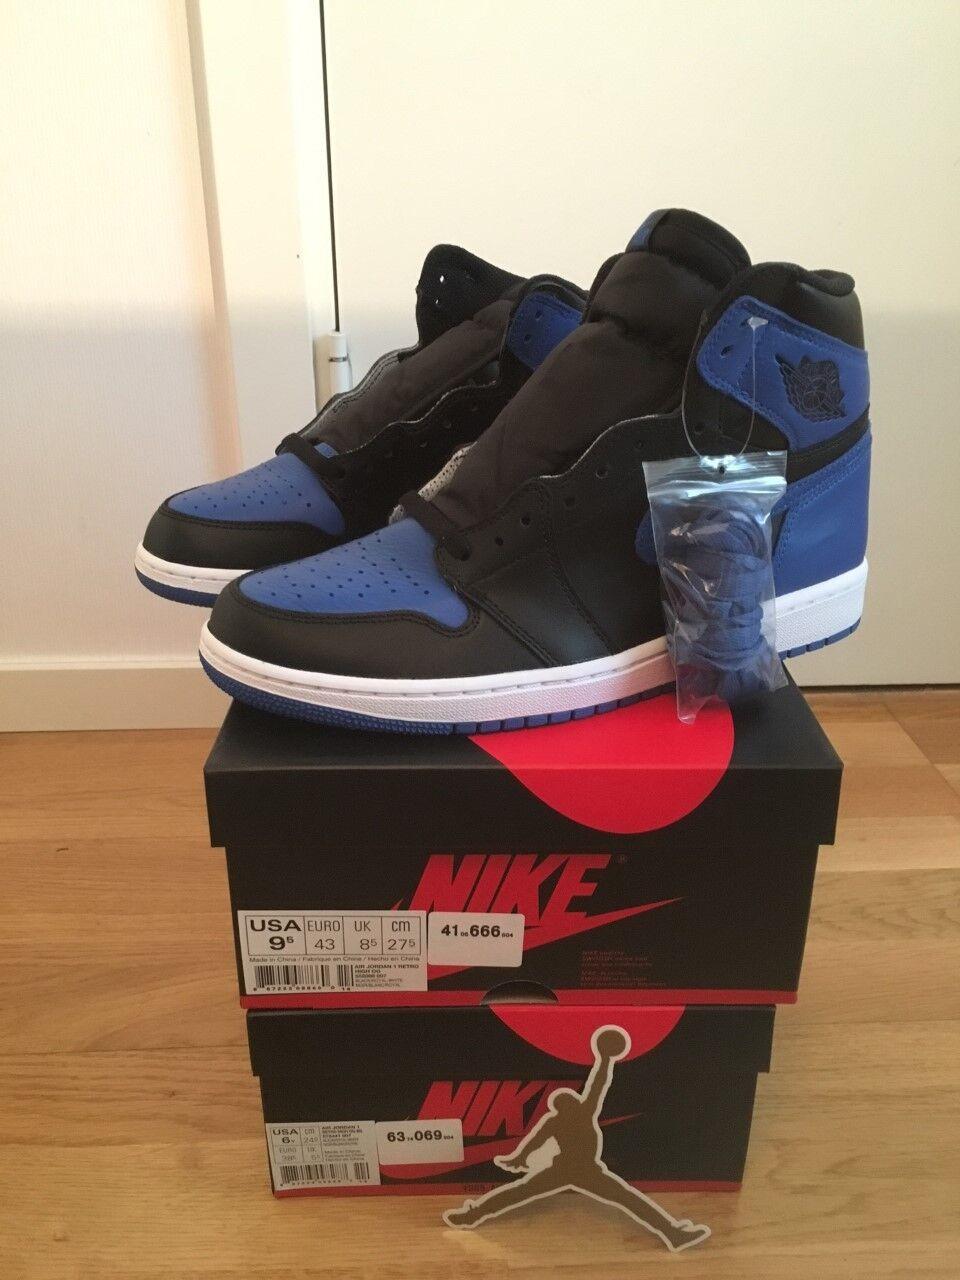 Nike Air Jordan 1 Royal Blue High Retro OG 2017